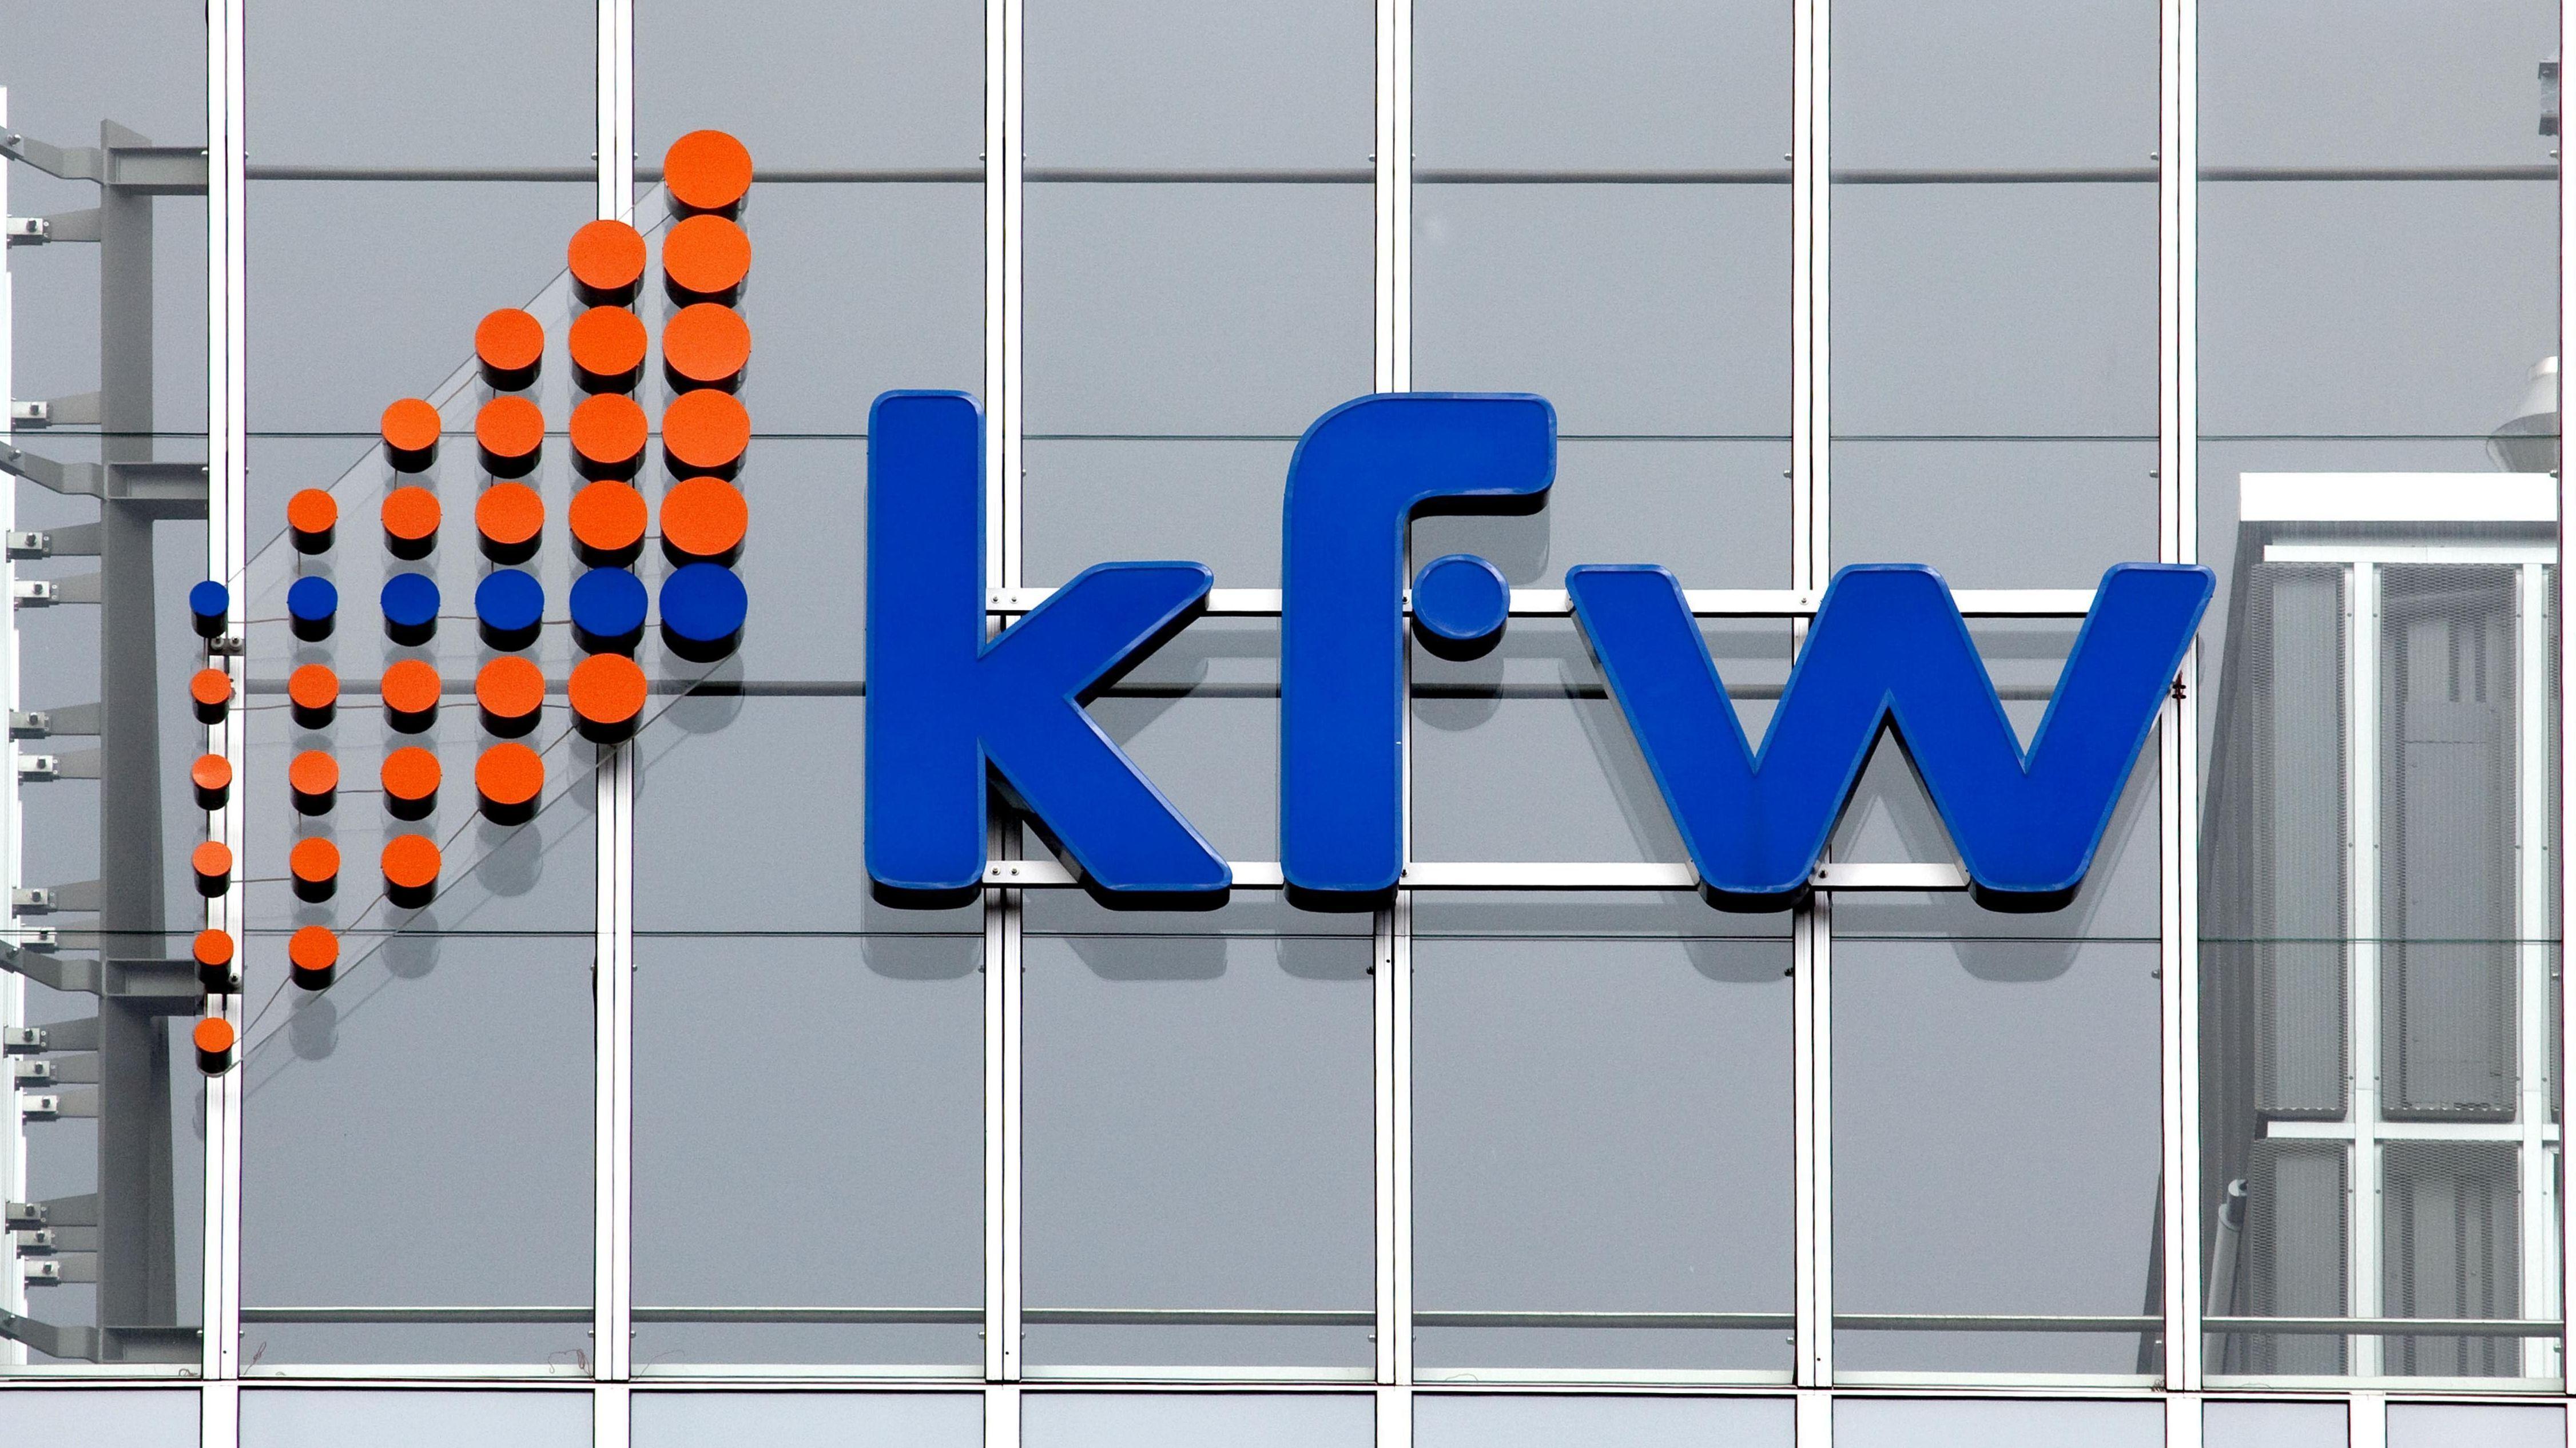 Logo an der Zentrale der KfW-Bankengruppe, Kreditanstalt für Wiederaufbau, in Frankfurt am Main, Hessen, Deutschland, Europa